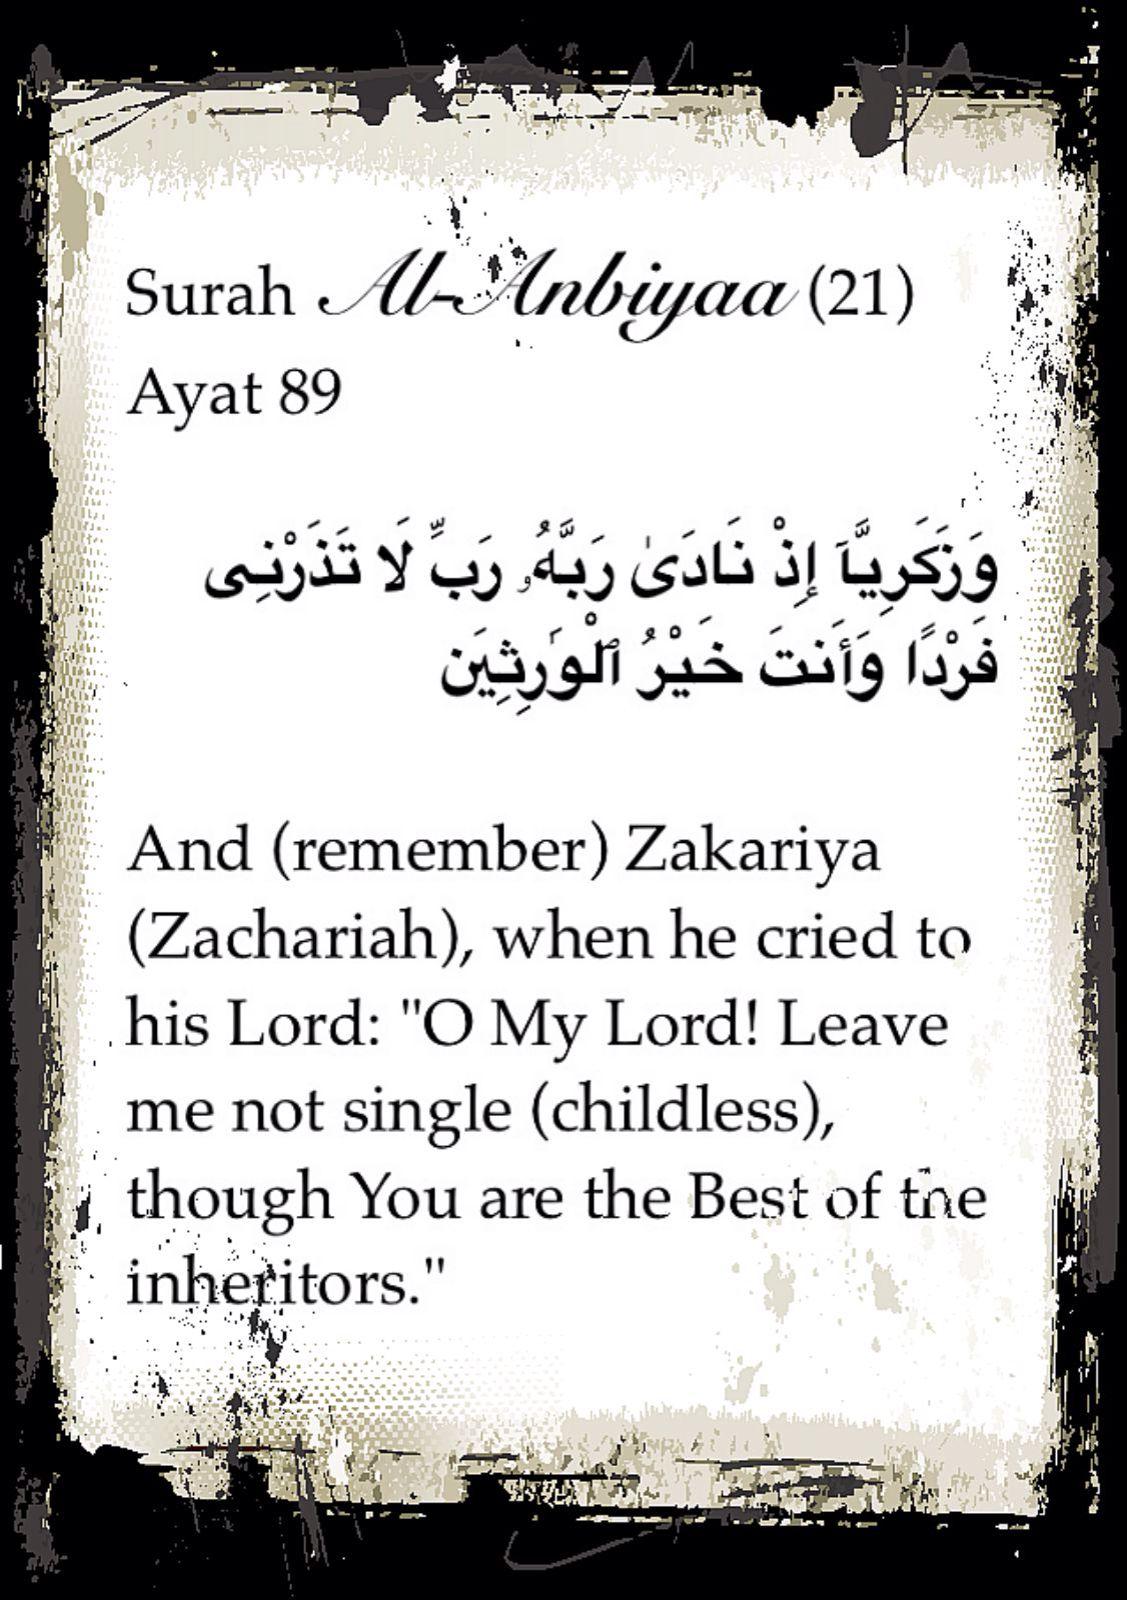 Surah Al Anbiyaa 21 Ayat 89 And Remember Zakariya